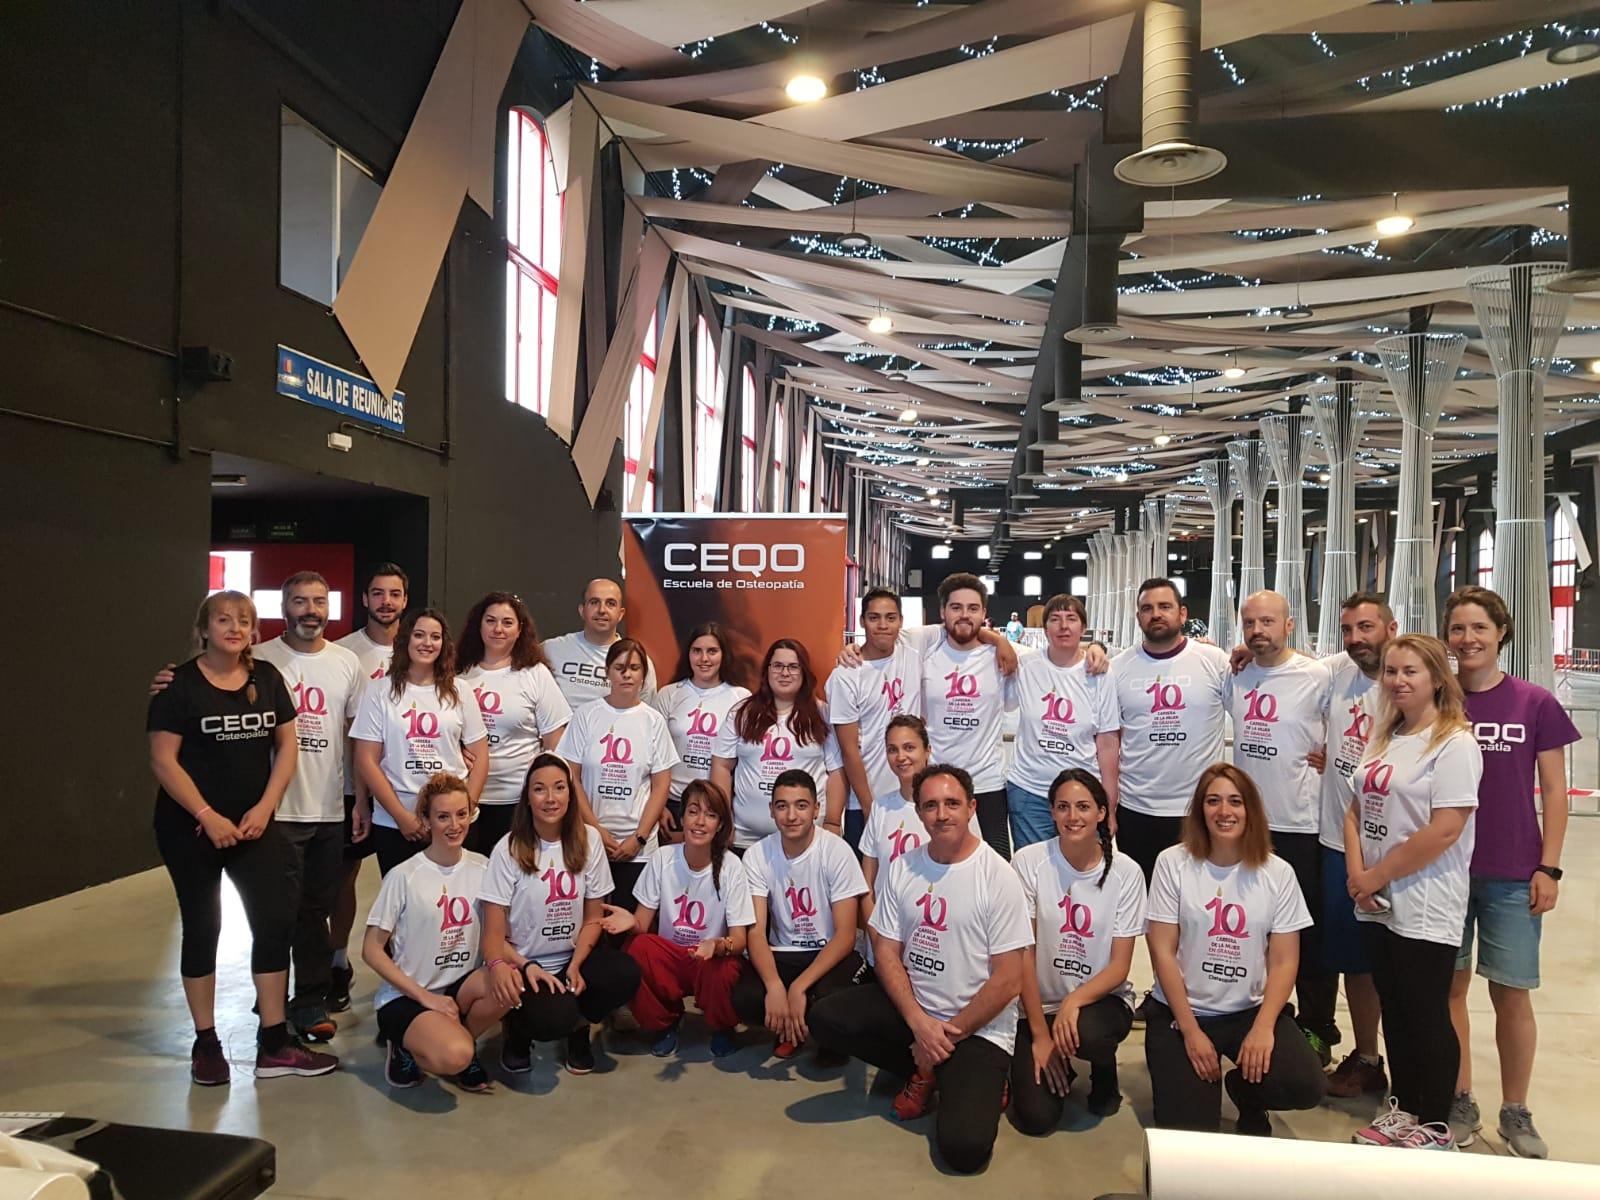 estudiantes de Centro Ceqo participan en la carrera de la Mujer